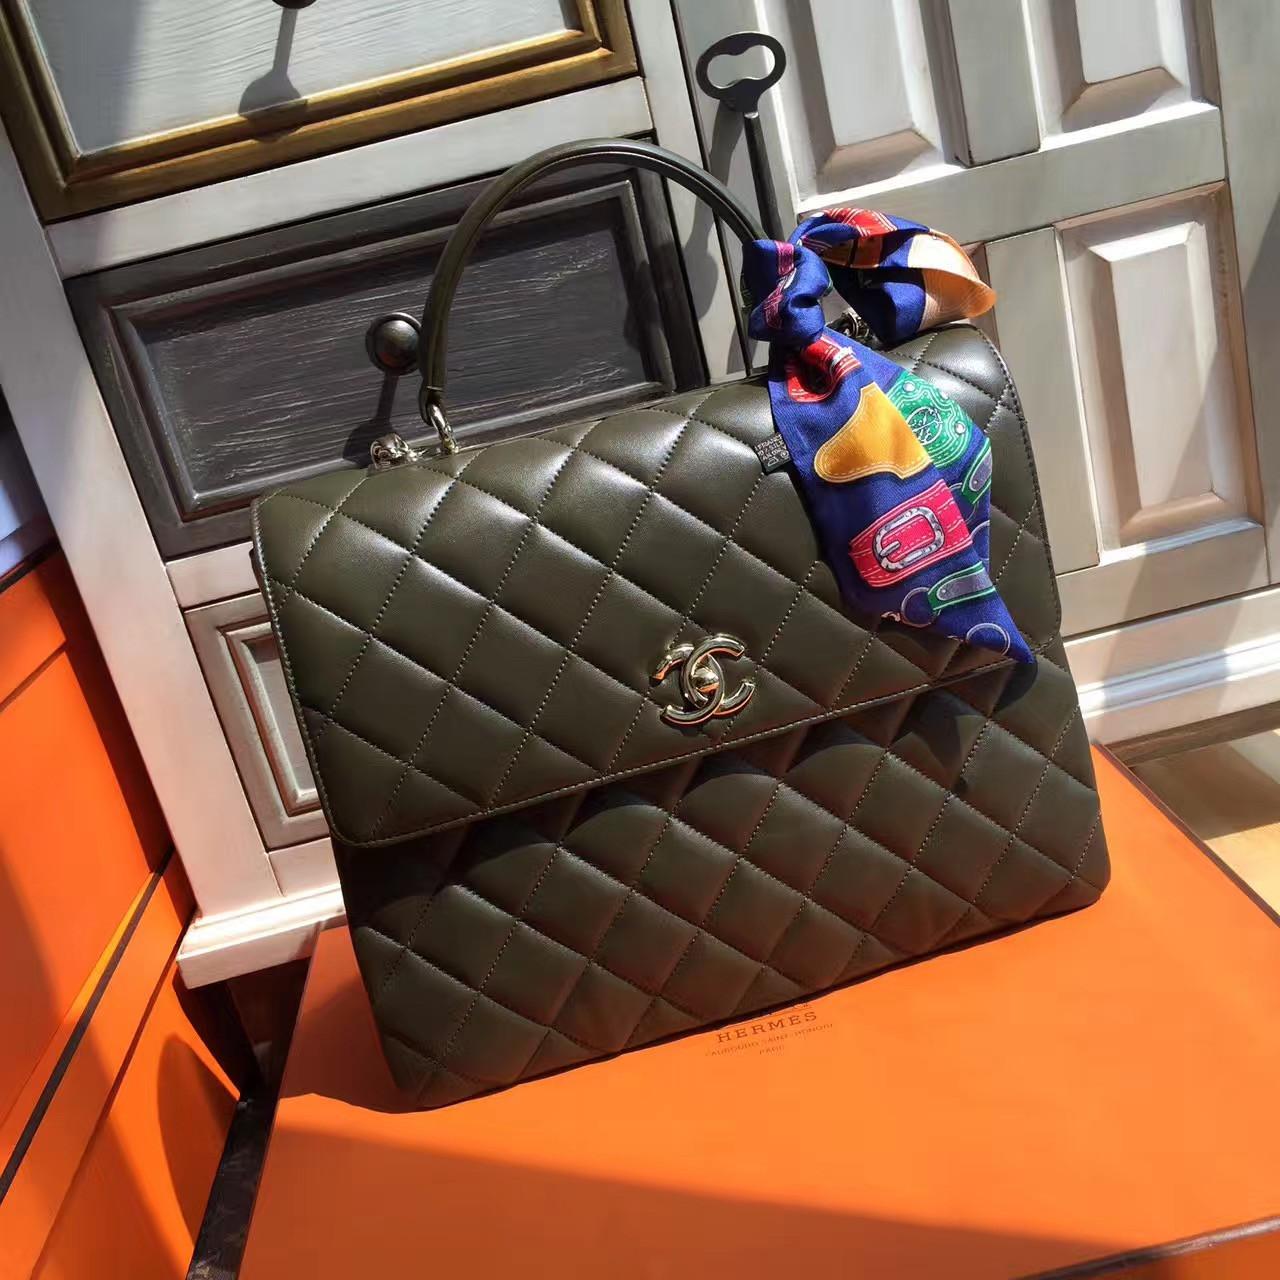 88b7b7d7d31d Chanel Flap Bag With Top Handle Green - Bella Vita Moda